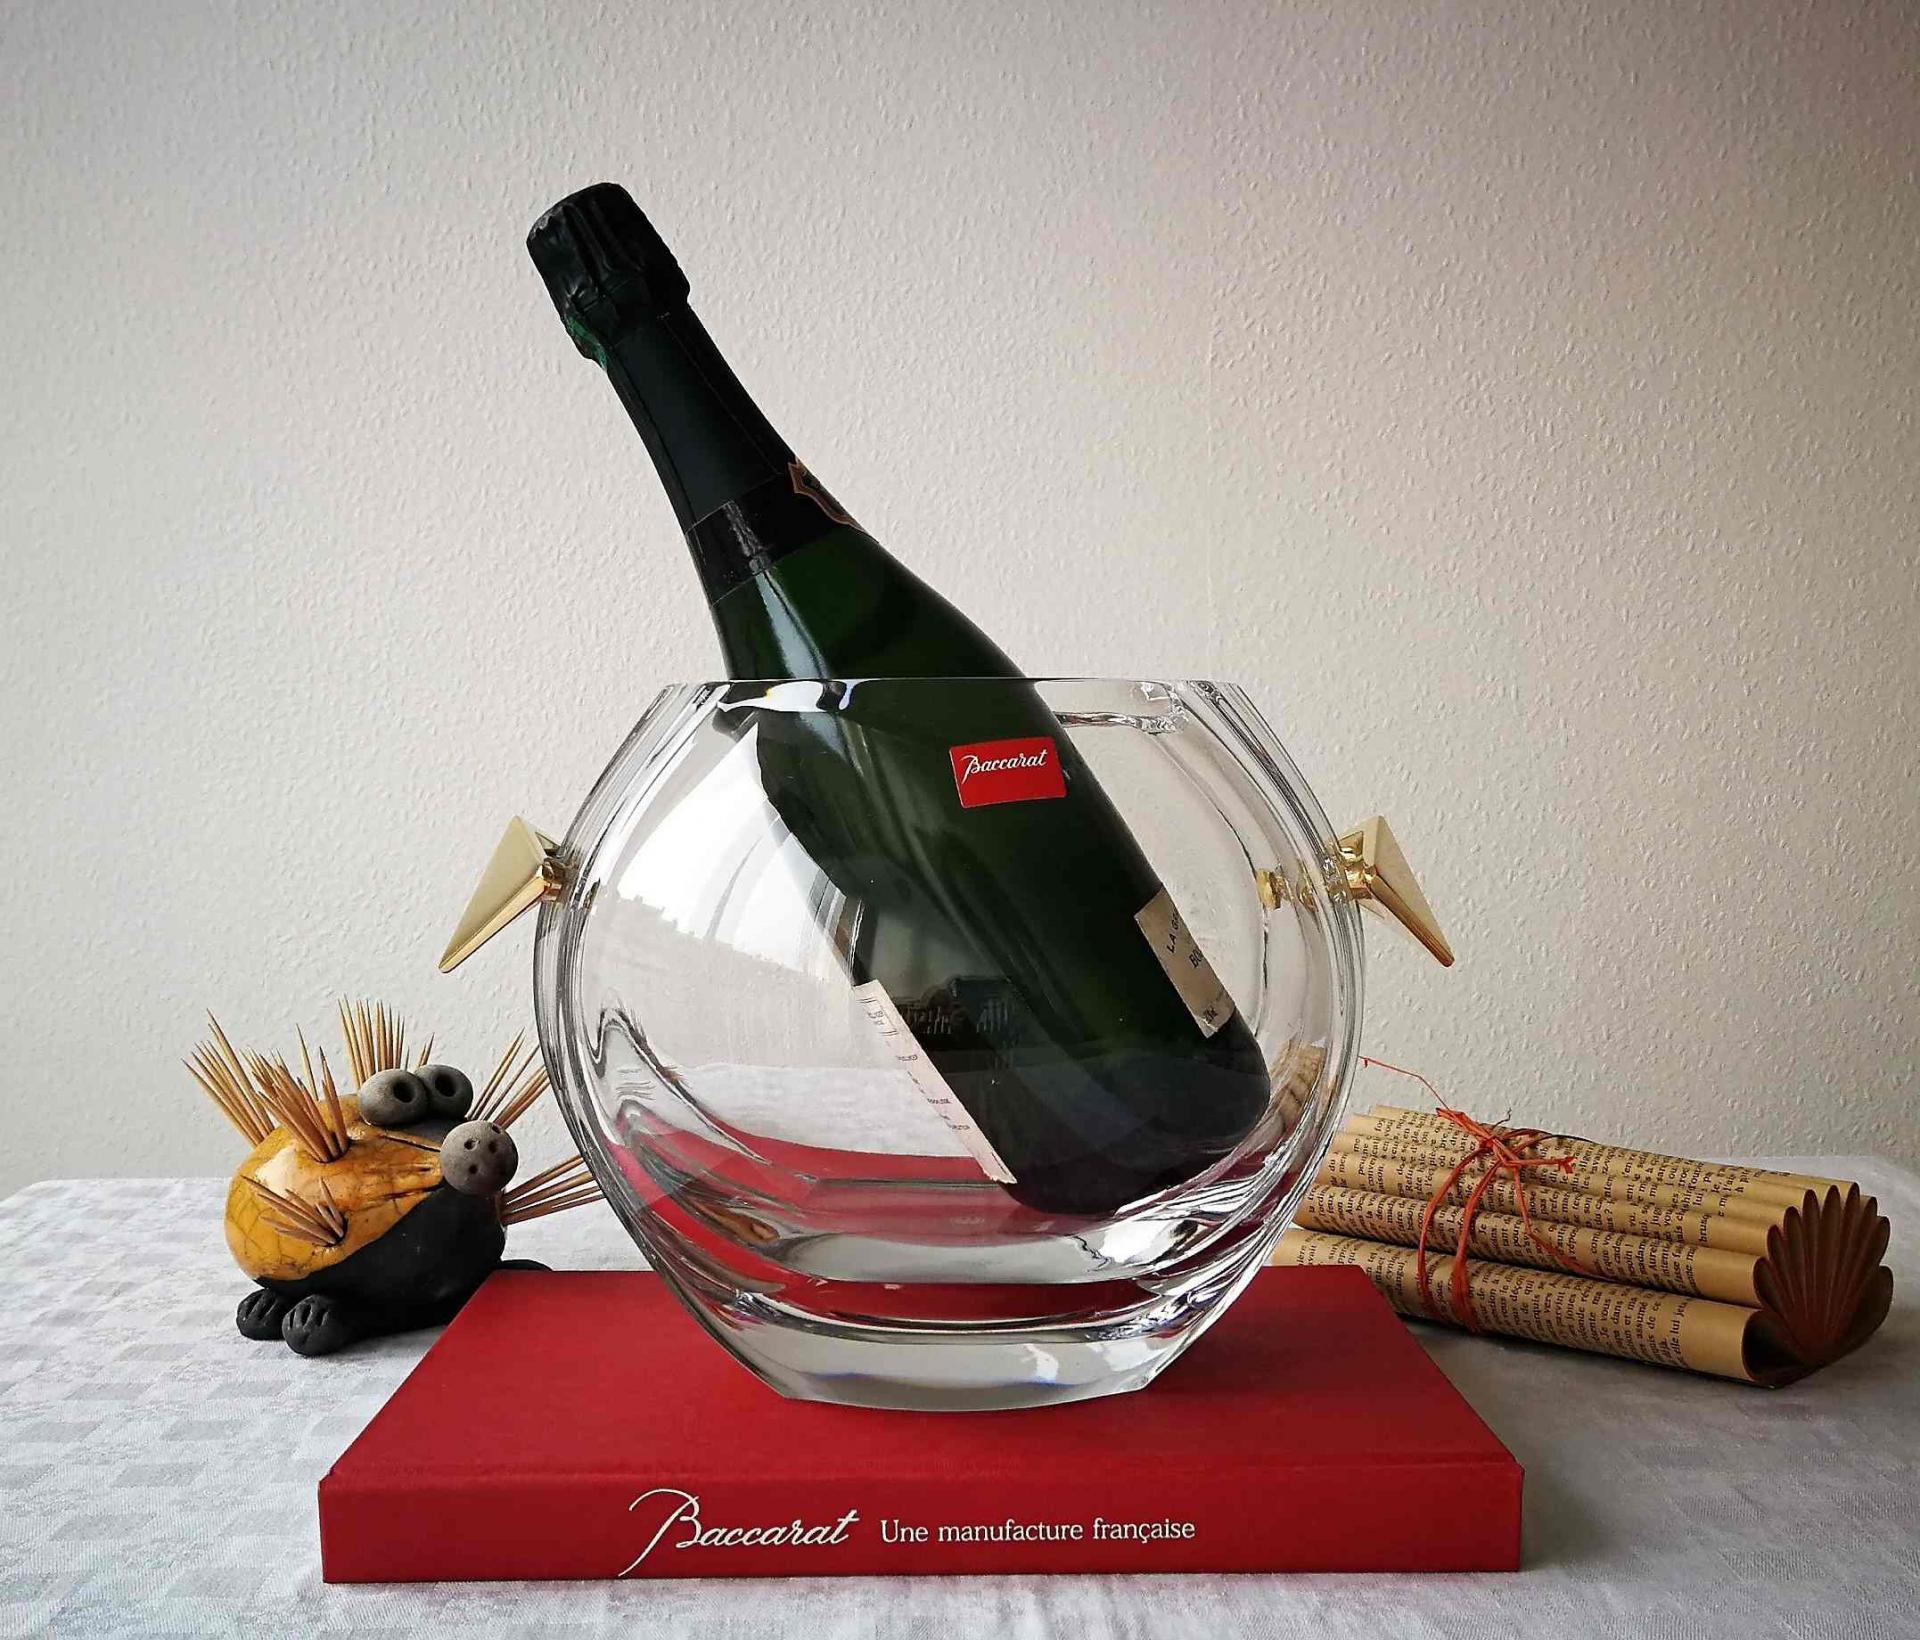 Seau à champagne Baccarat. Elysée.